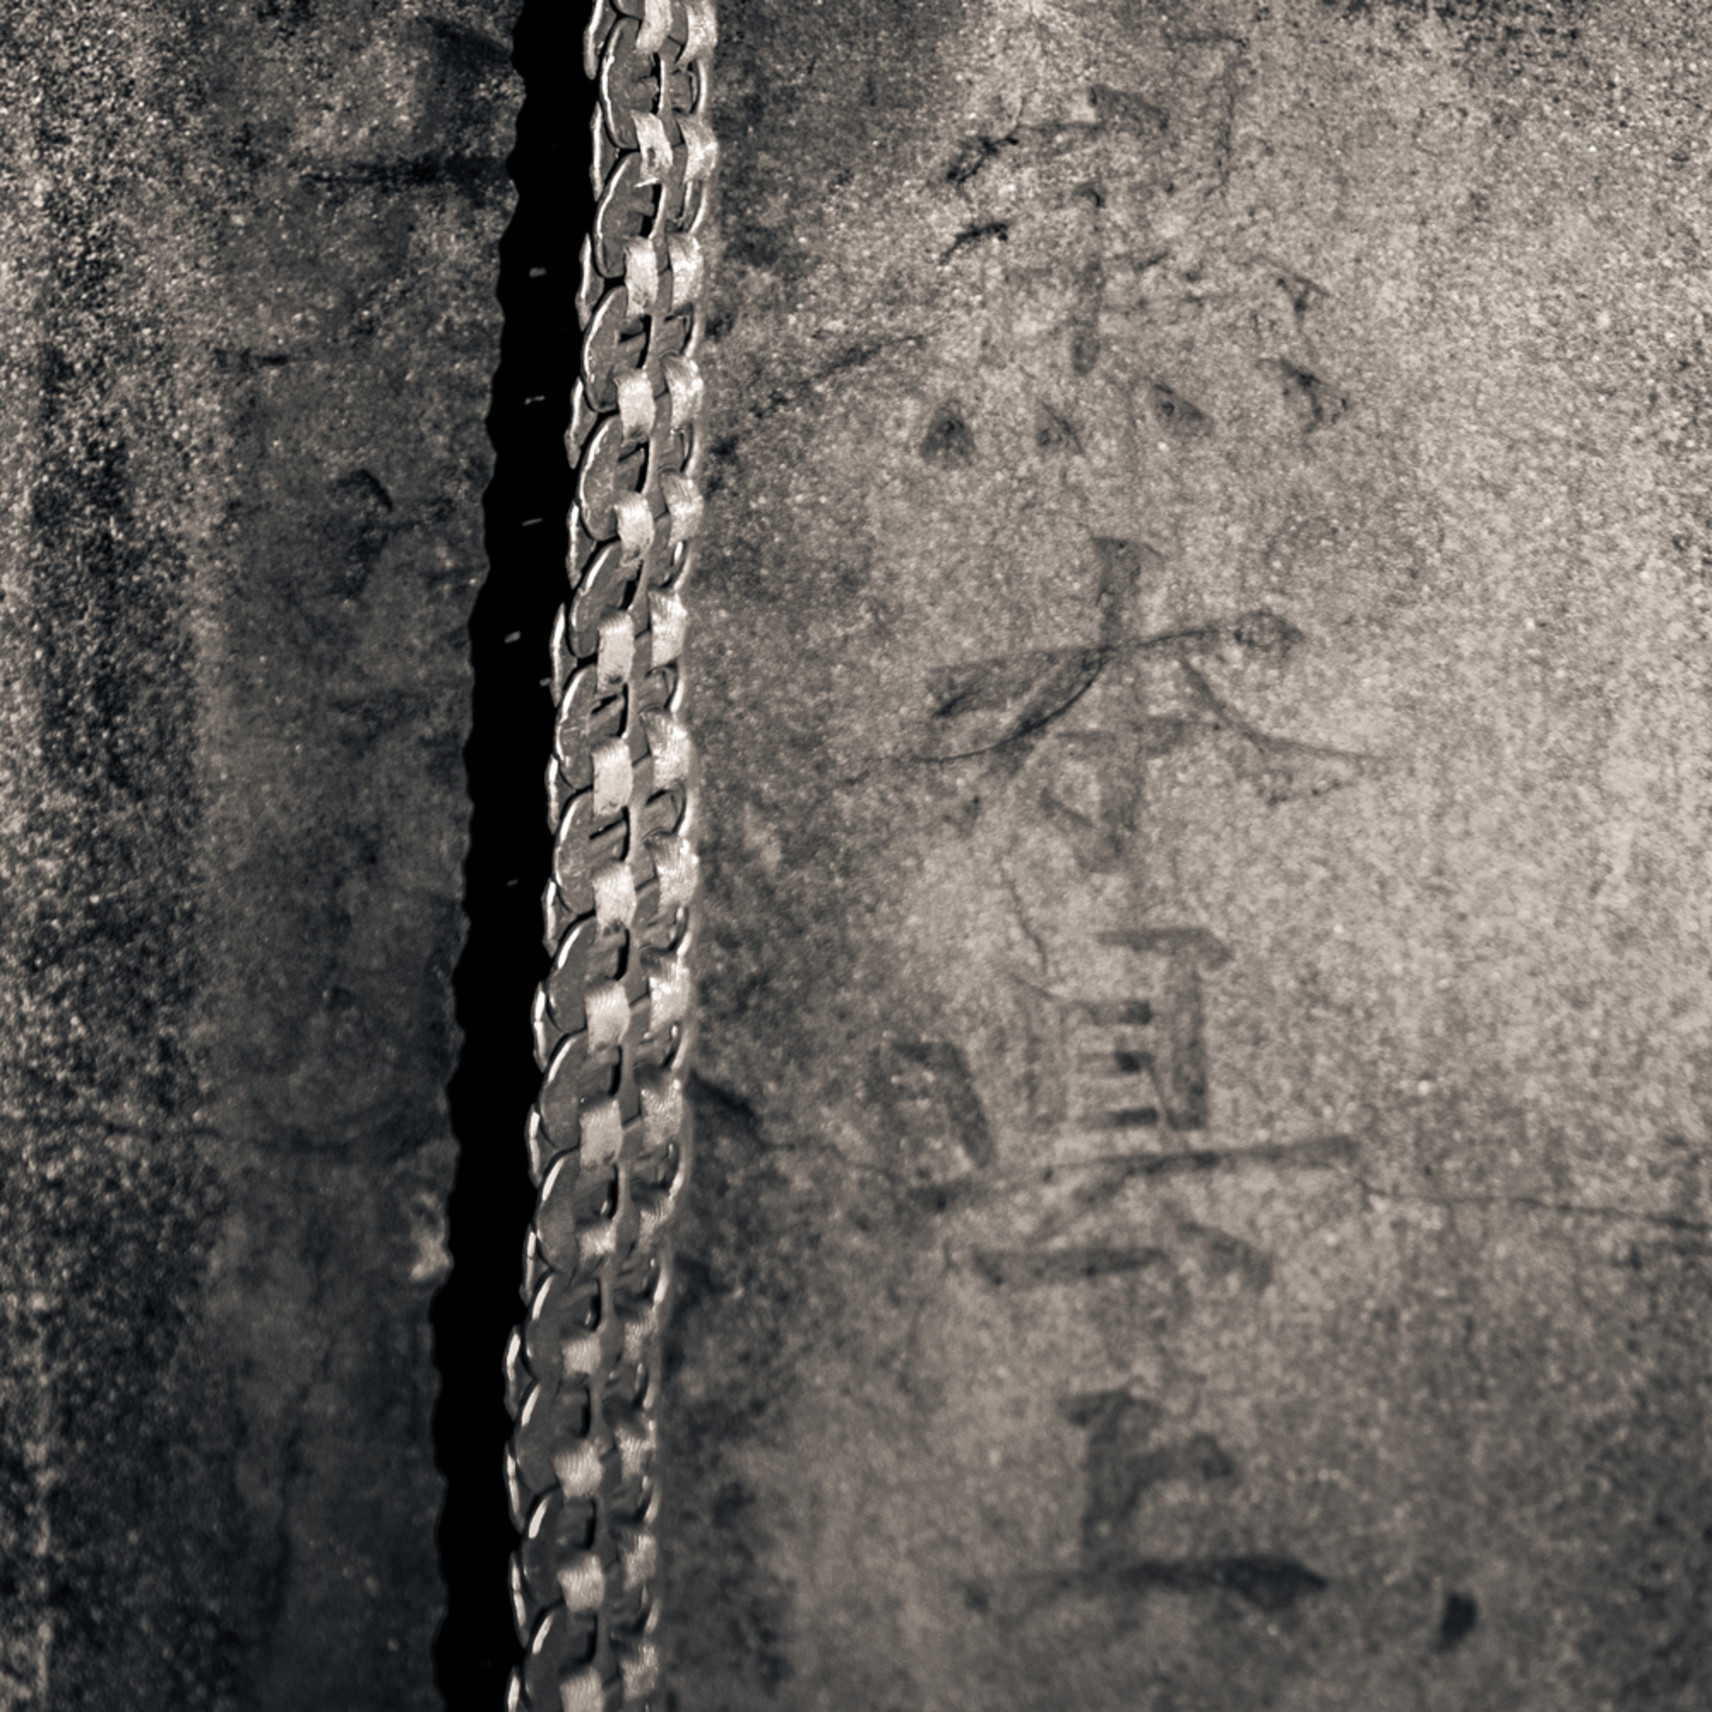 Grave marker chain maui 2018 qvvvl1